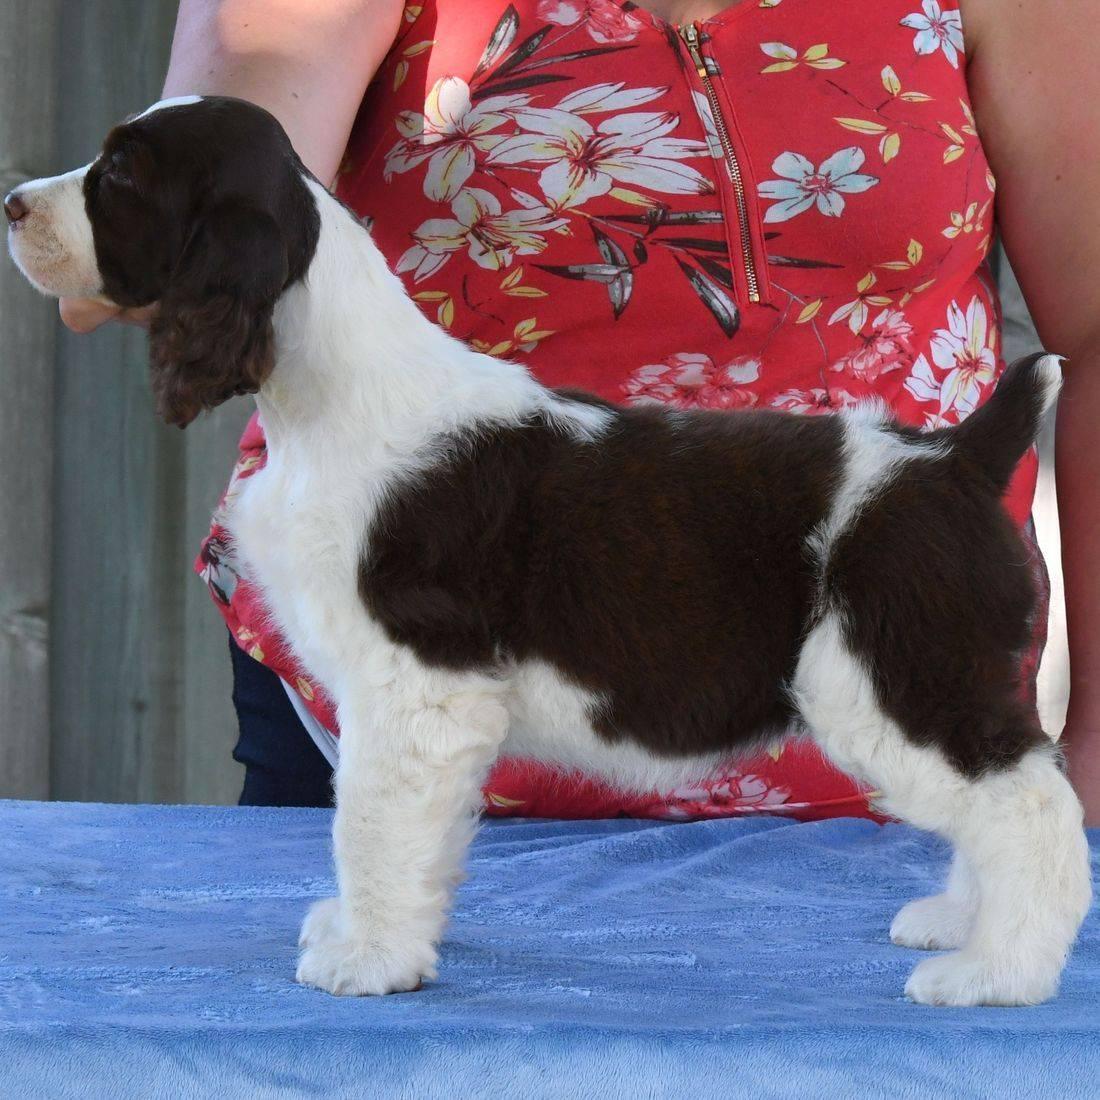 English Springer Spaniel Ontario breeder Trojh Krystal Hjort